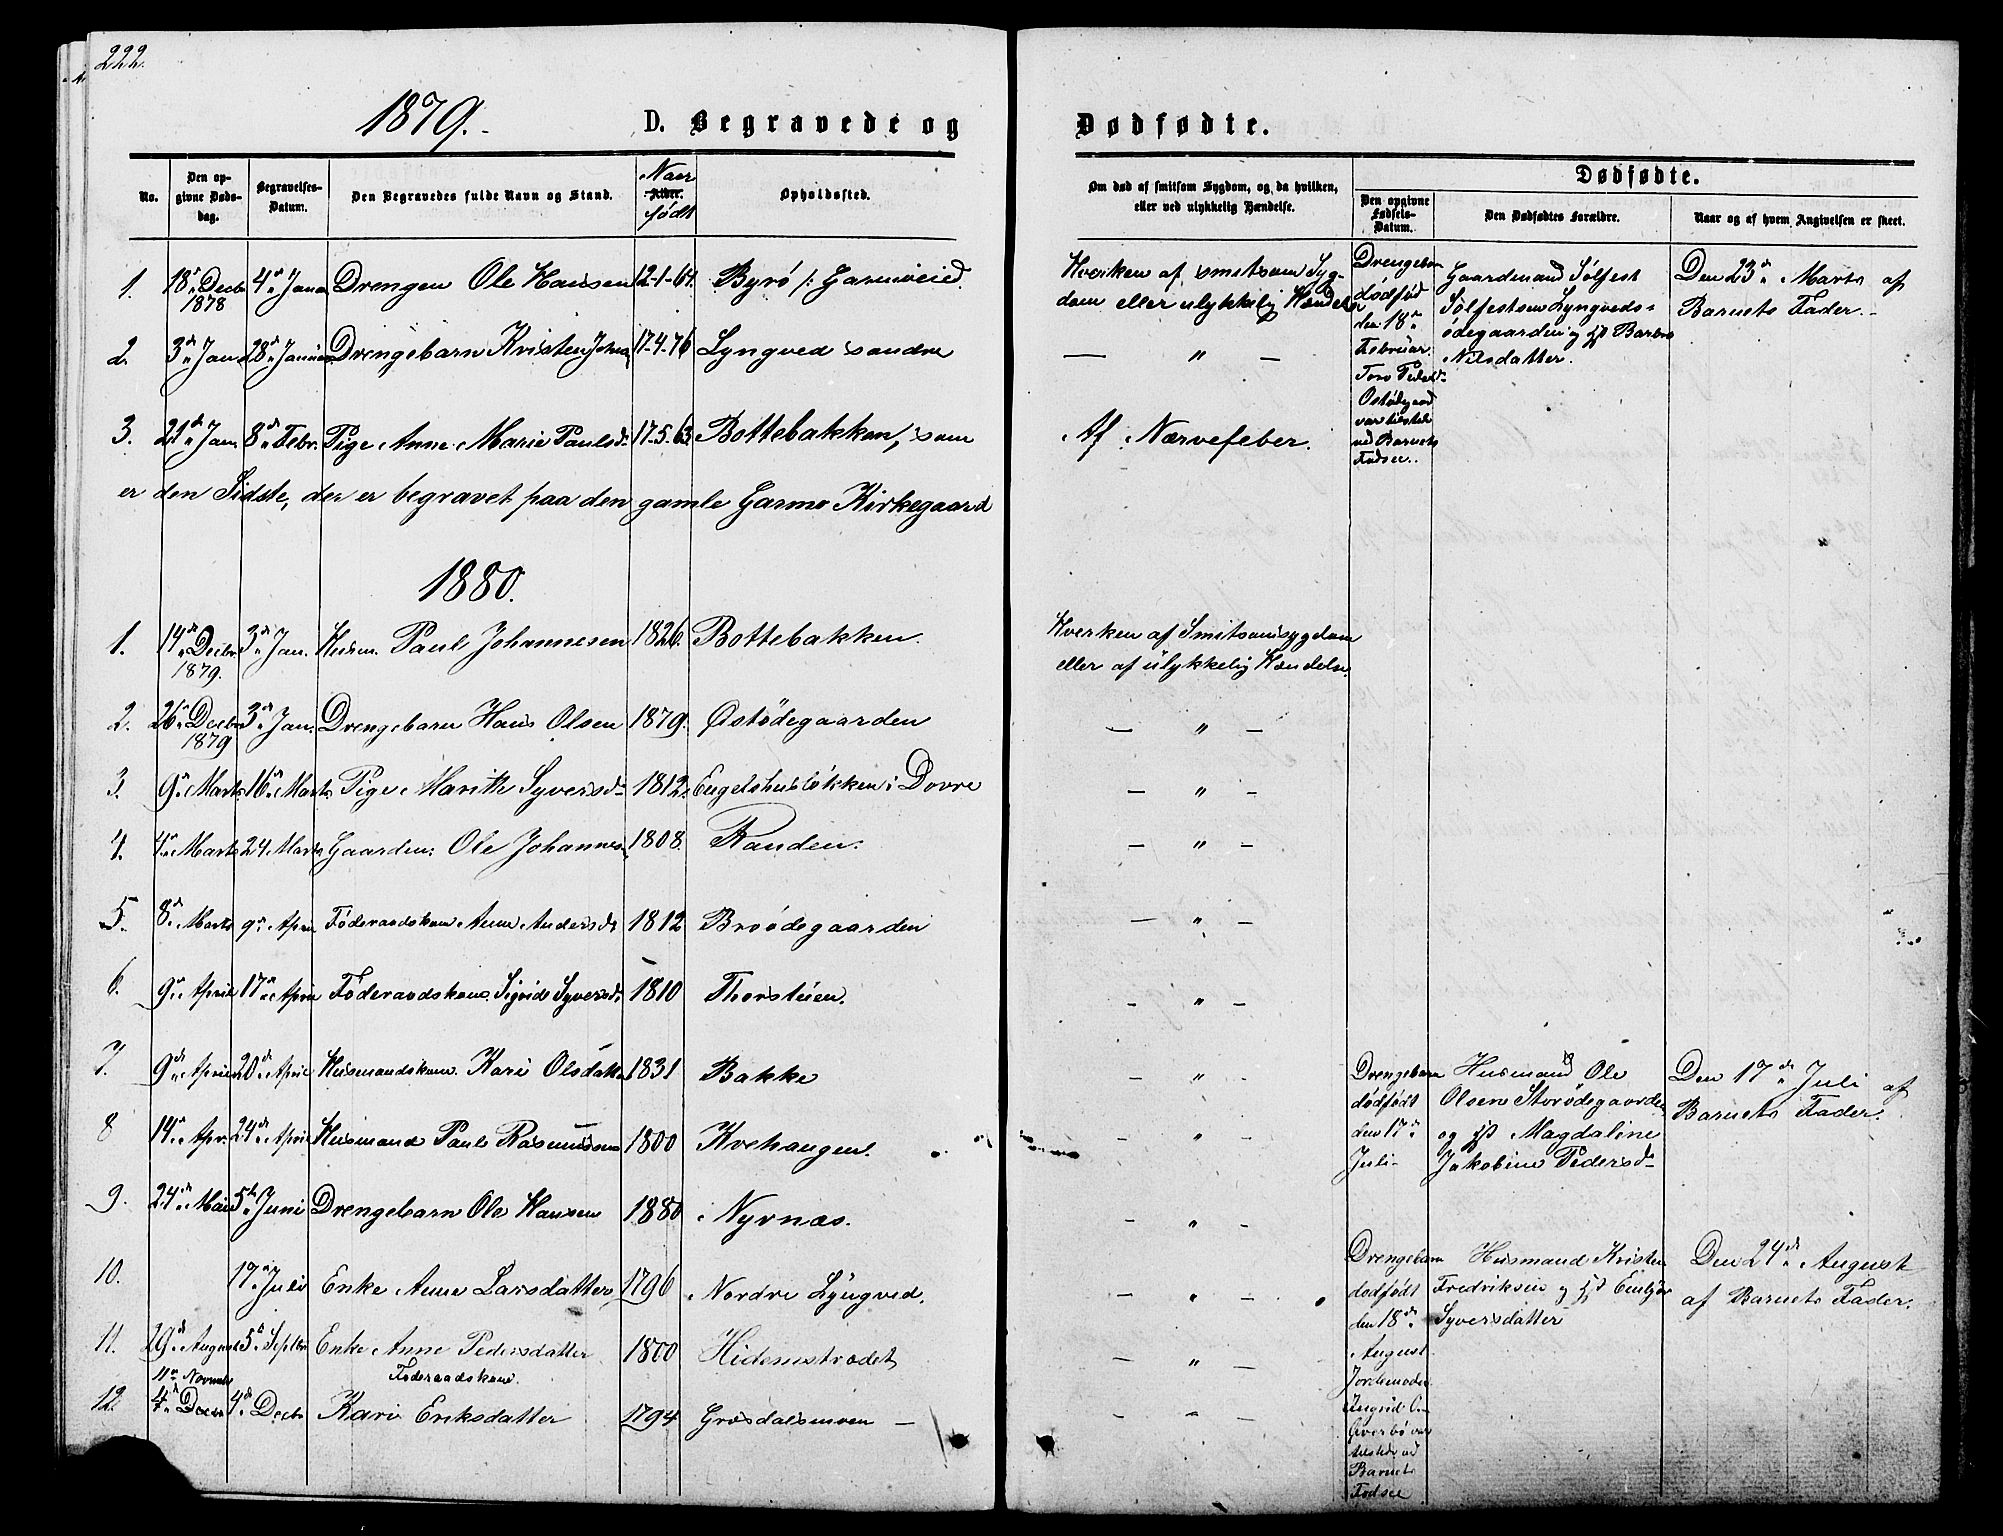 SAH, Lom prestekontor, L/L0005: Klokkerbok nr. 5, 1876-1901, s. 222-223